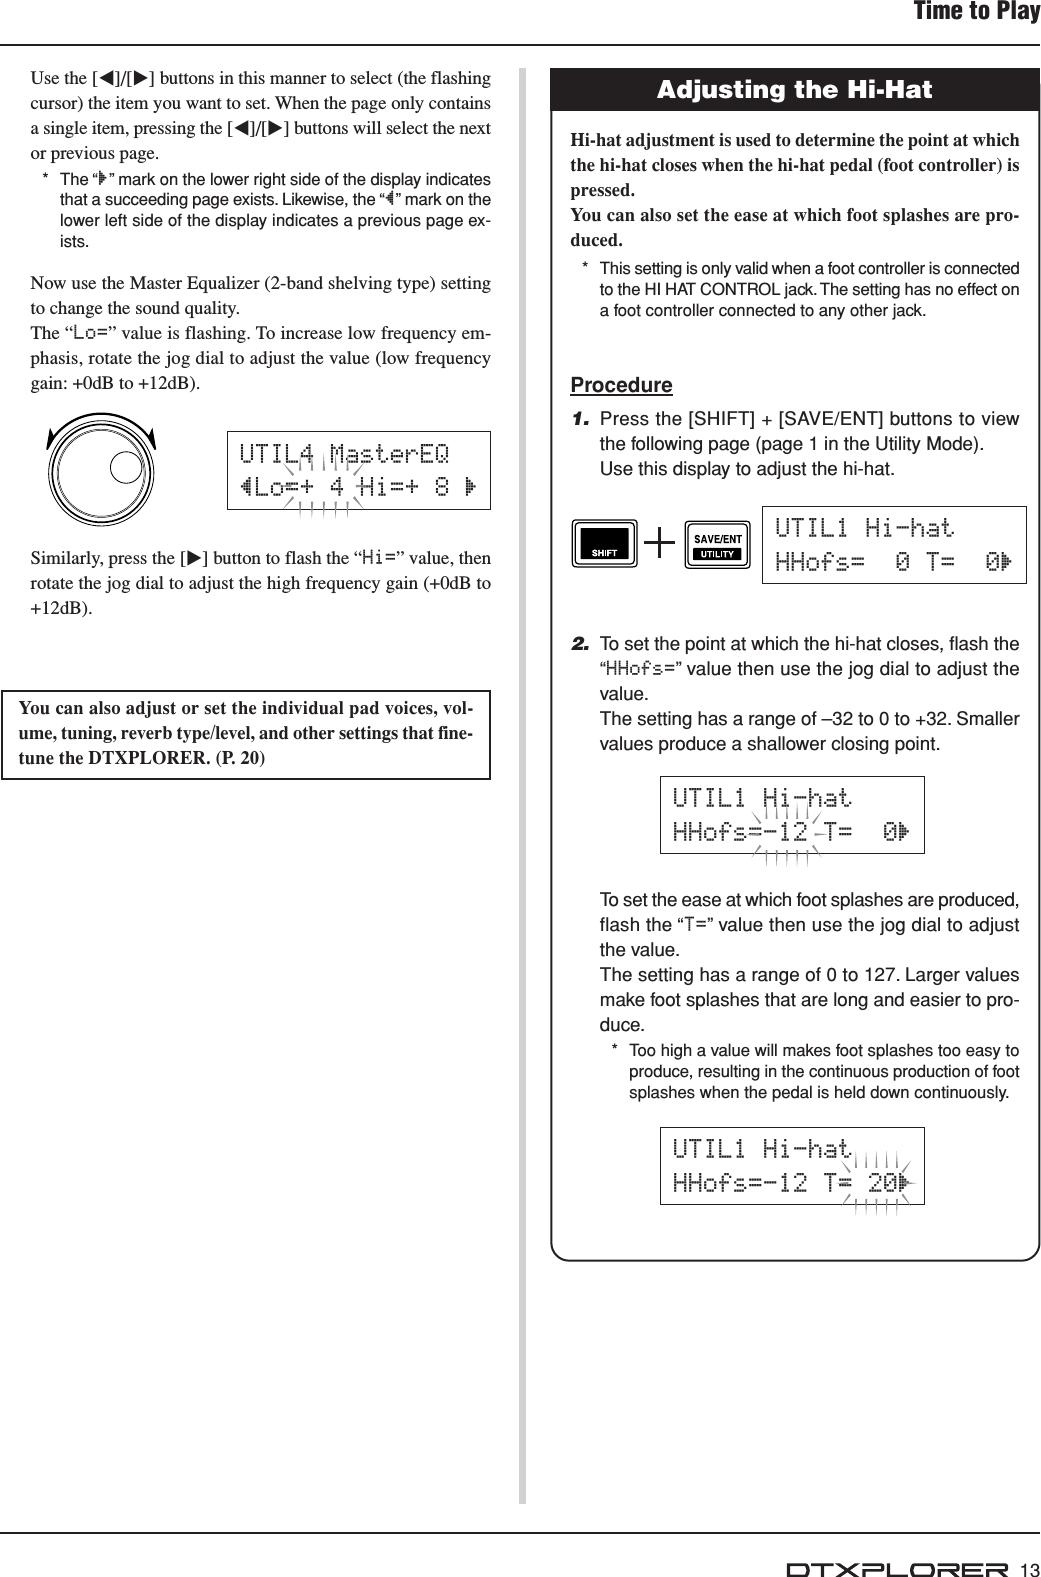 Yamaha DTXPLORER Owner's Manual Dtxpl En Om 02b0